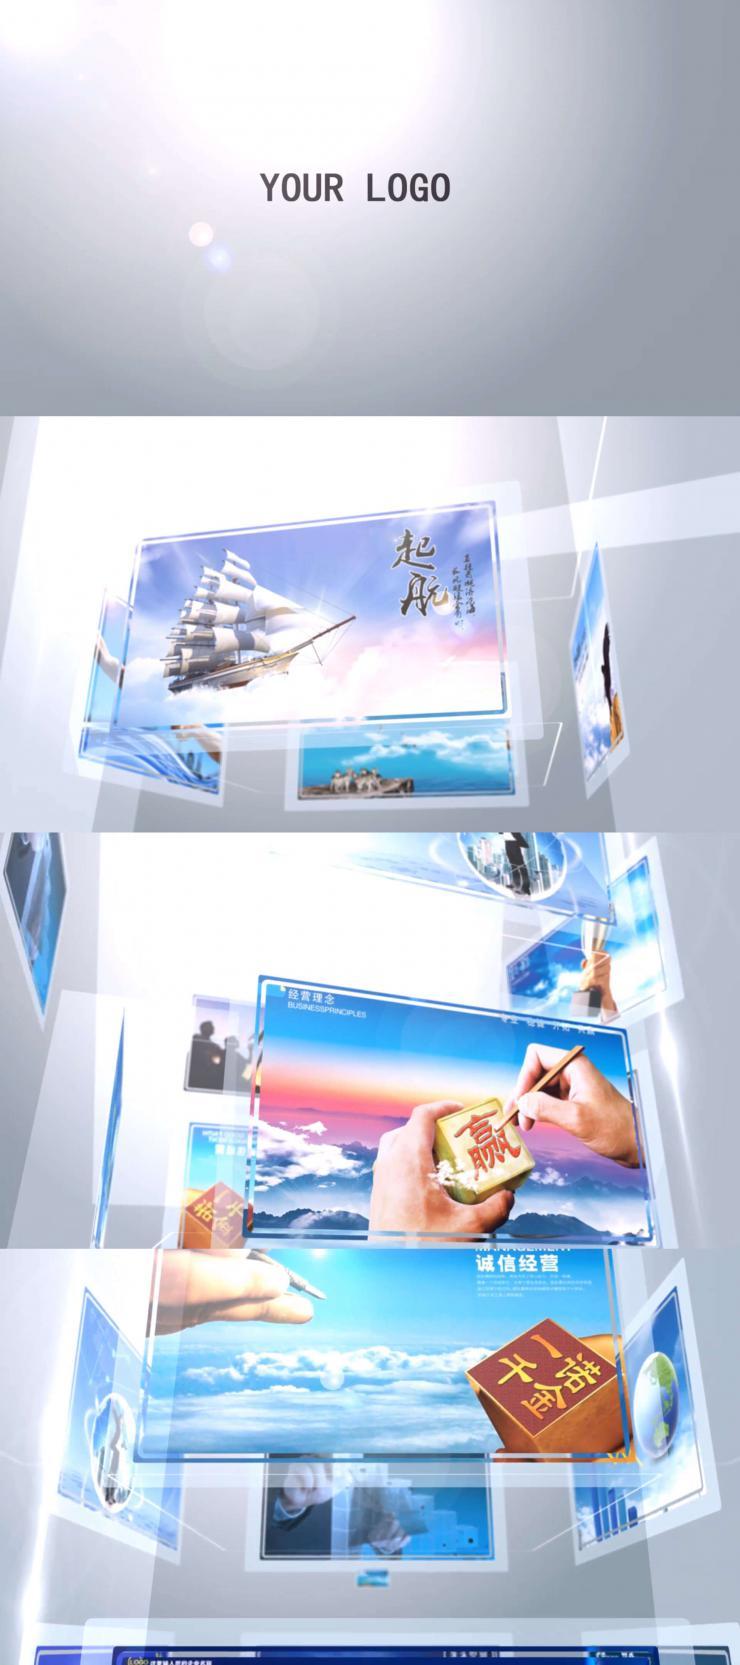 简洁优雅多照片企业宣传AE模板